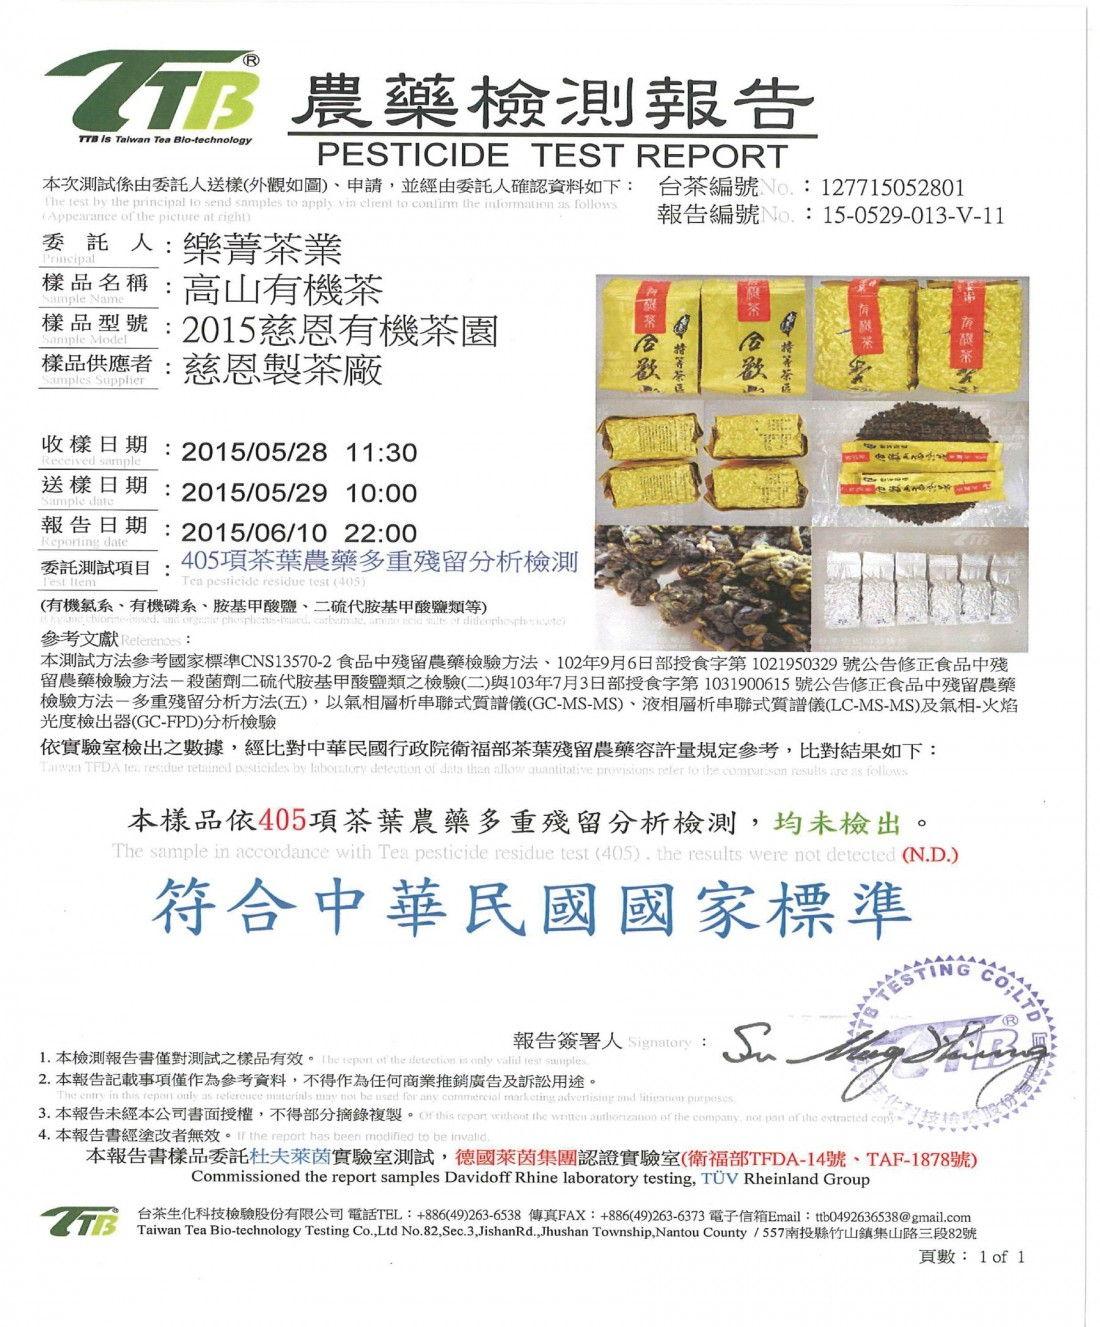 高山有機茶--茶葉農藥殘留檢驗合格報告